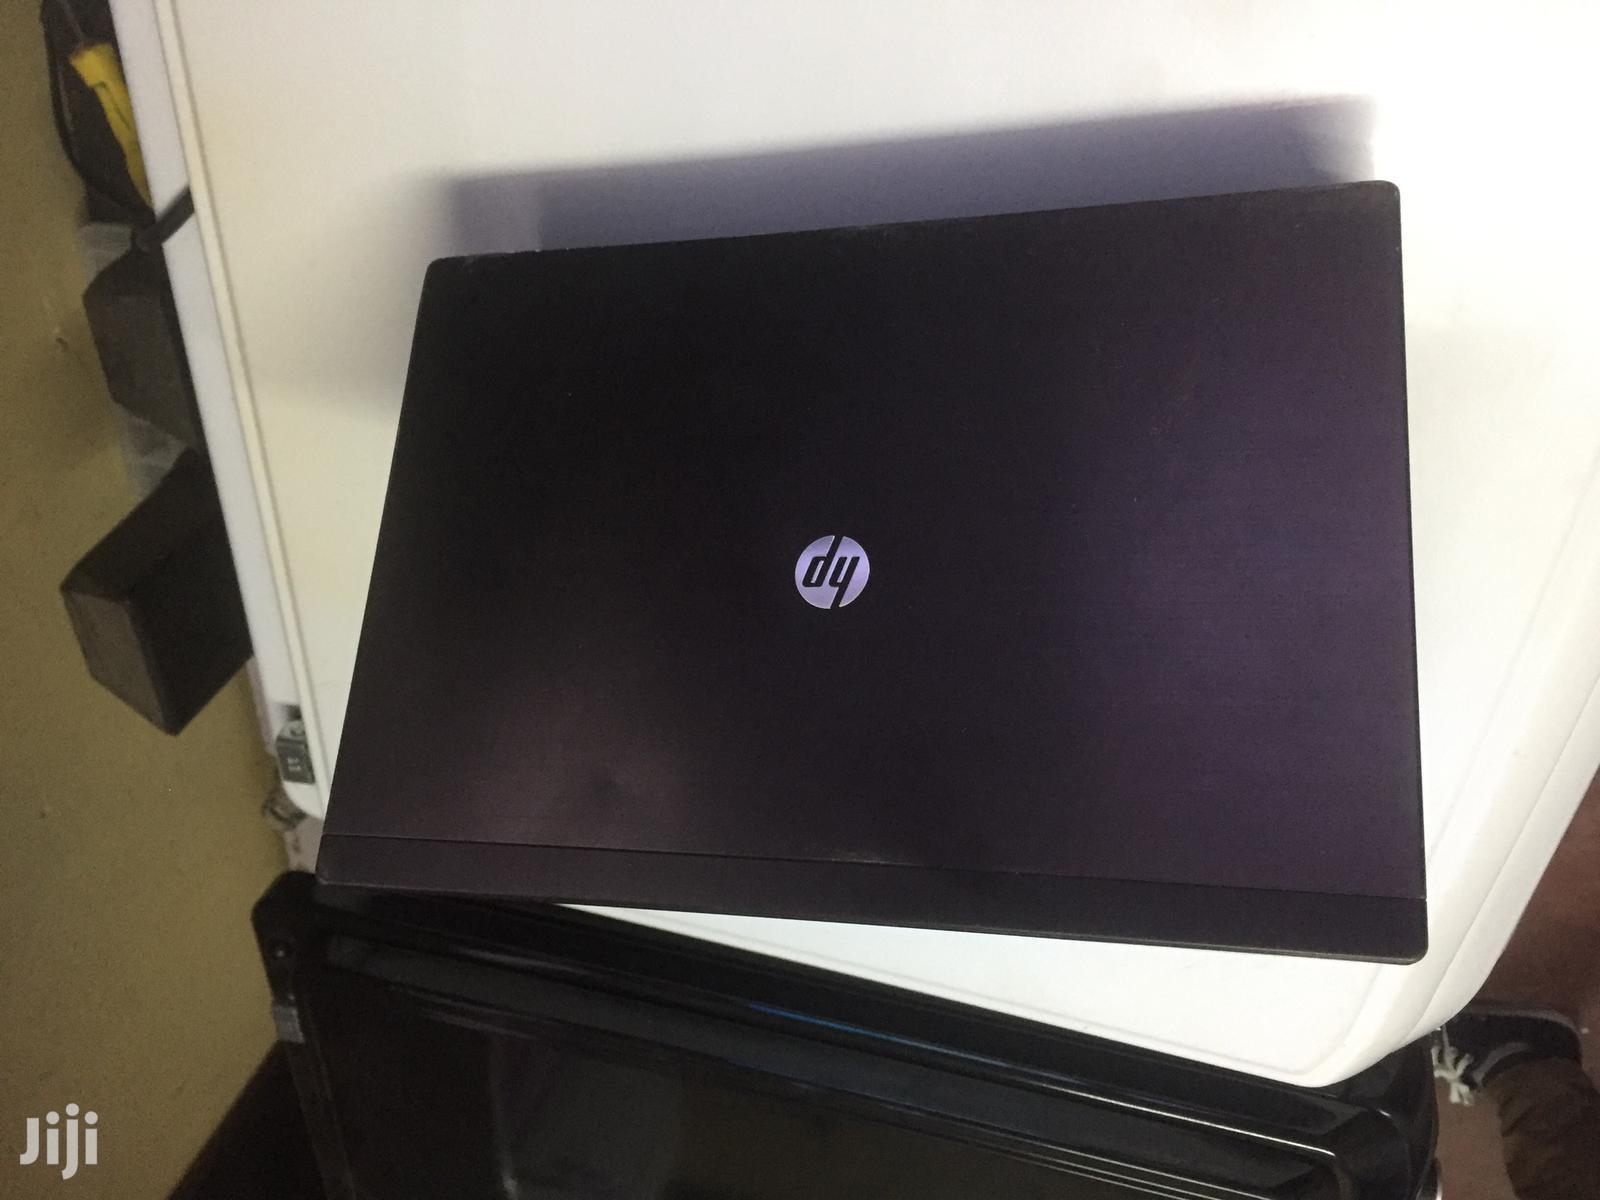 Laptop HP Mini 5103 2GB Intel HDD 160GB